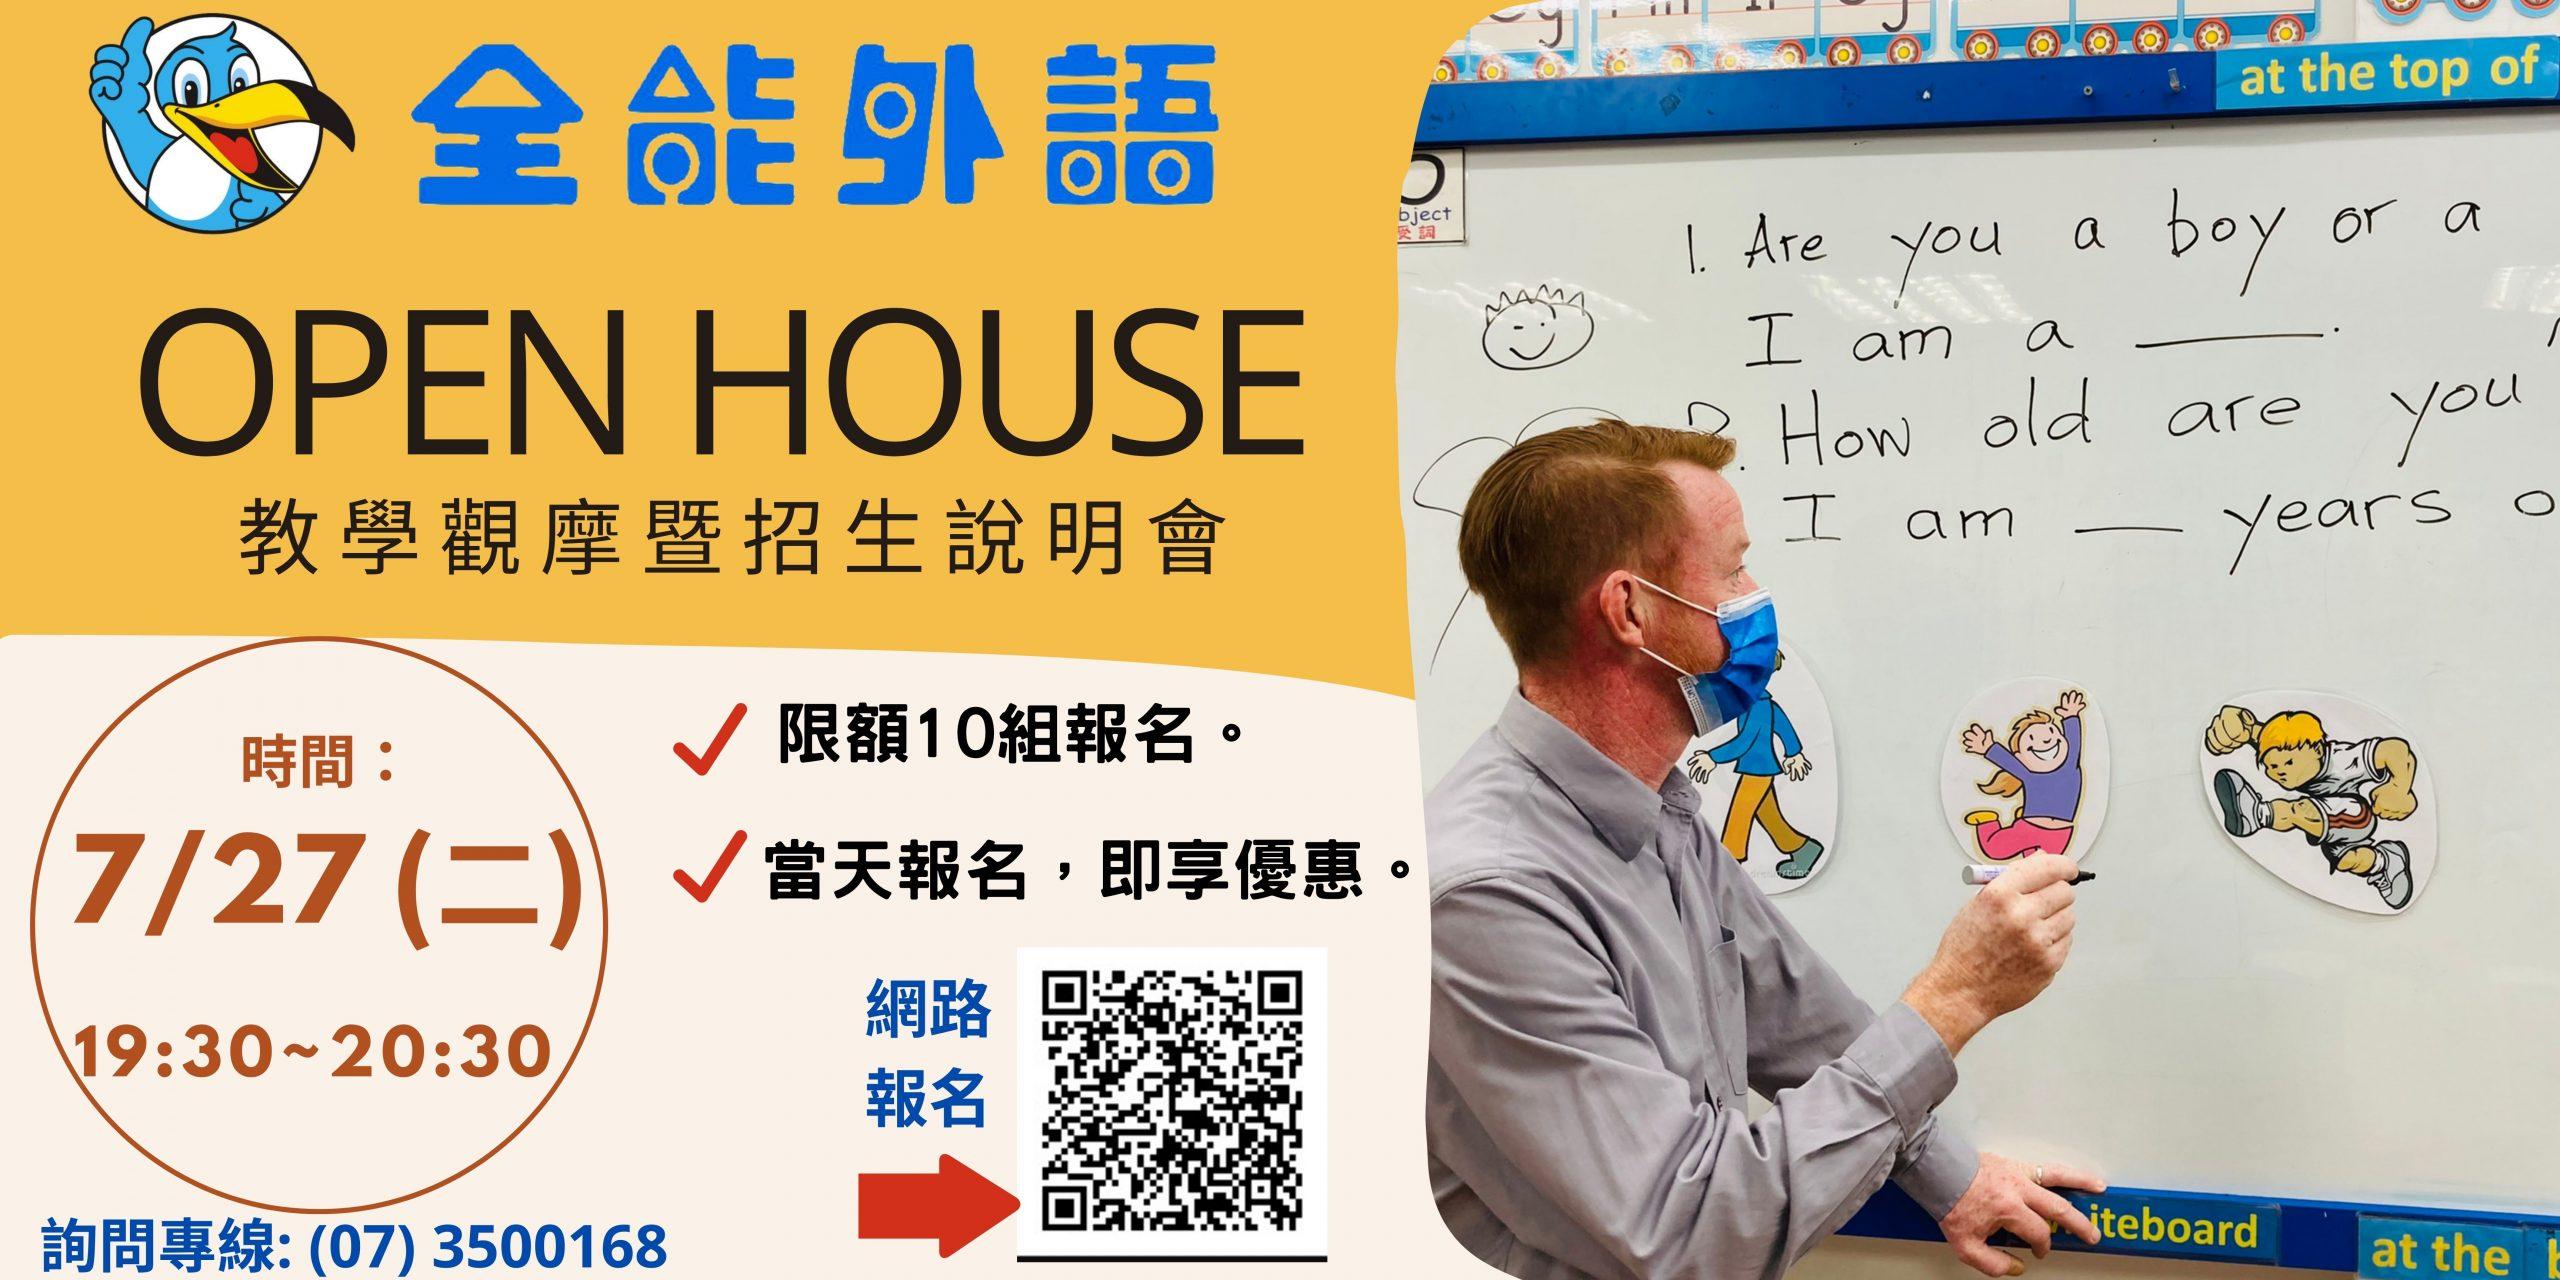 Open House 新生教學觀摩